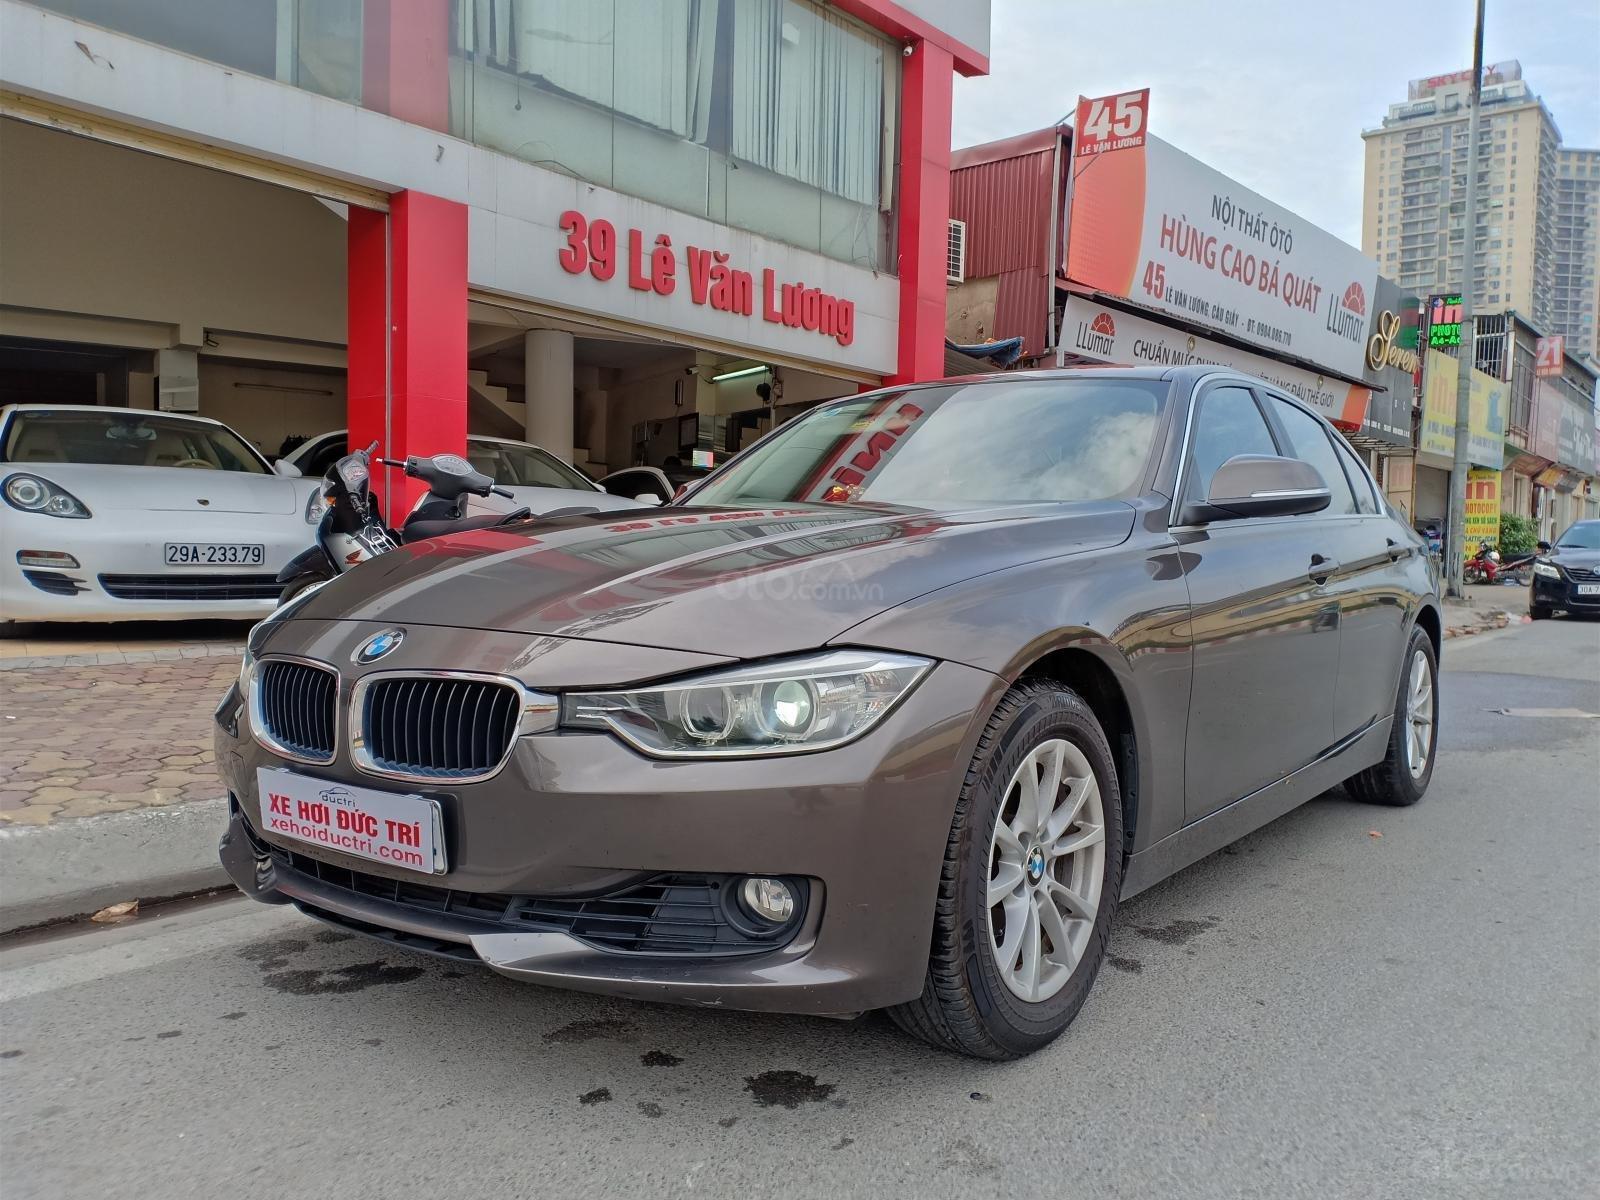 Cần bán xe BMW 3 Series 320i F30 đời 2015, màu nâu nhập Đức, 990tr-1